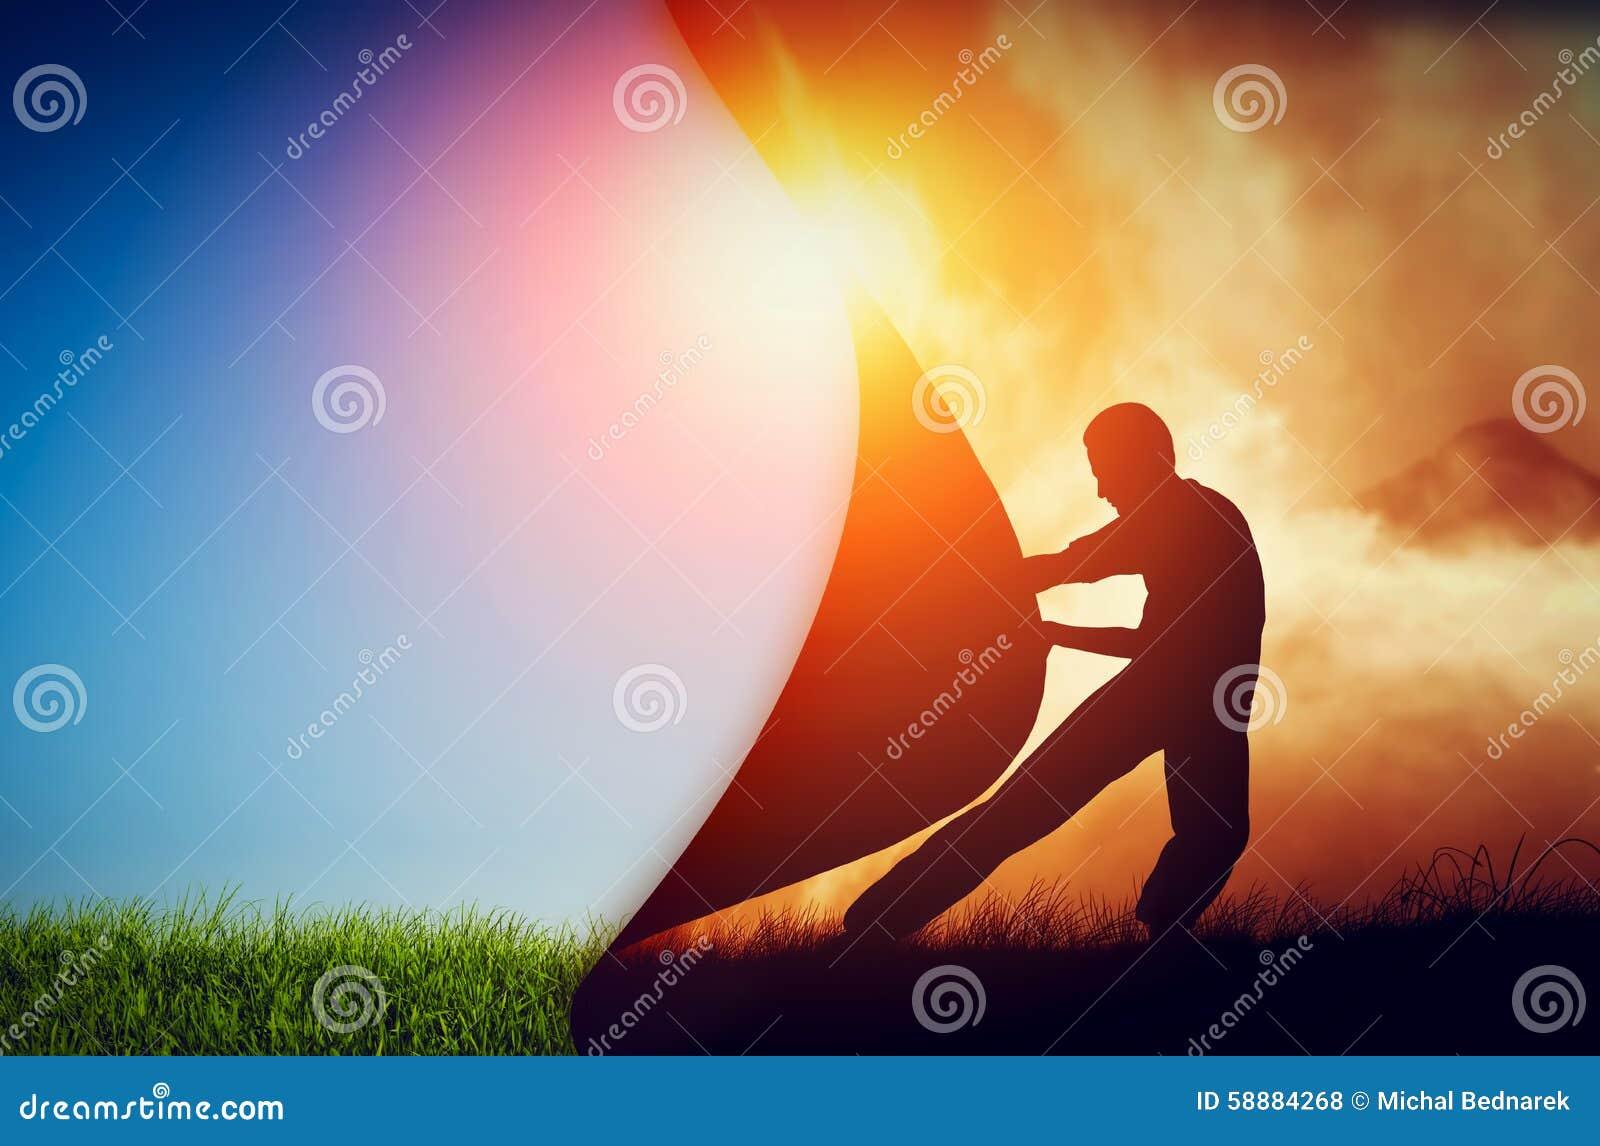 Equipaggi la trazione della tenda di oscurità per rivelare un nuovo mondo migliore cambiamento